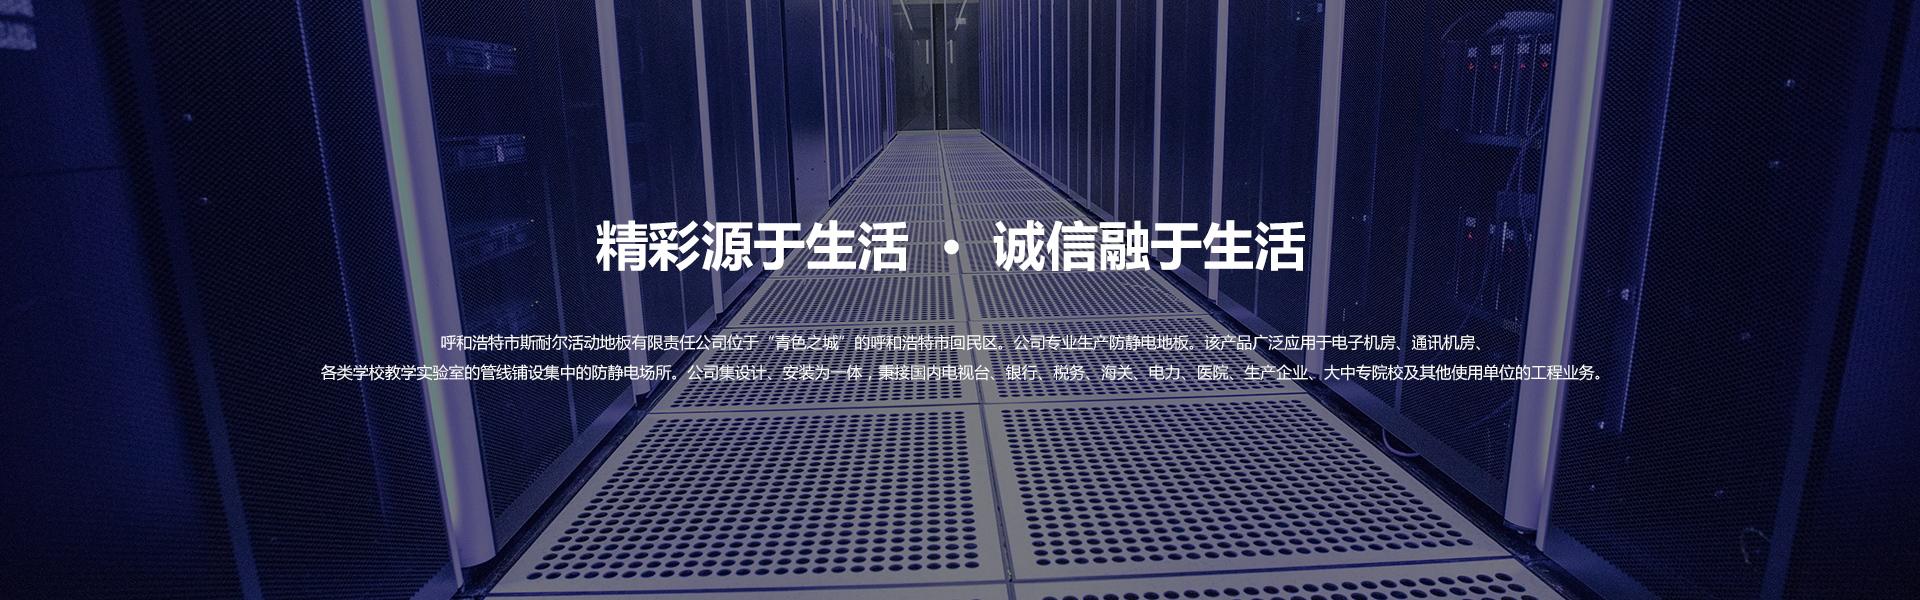 內蒙古防靜電地板